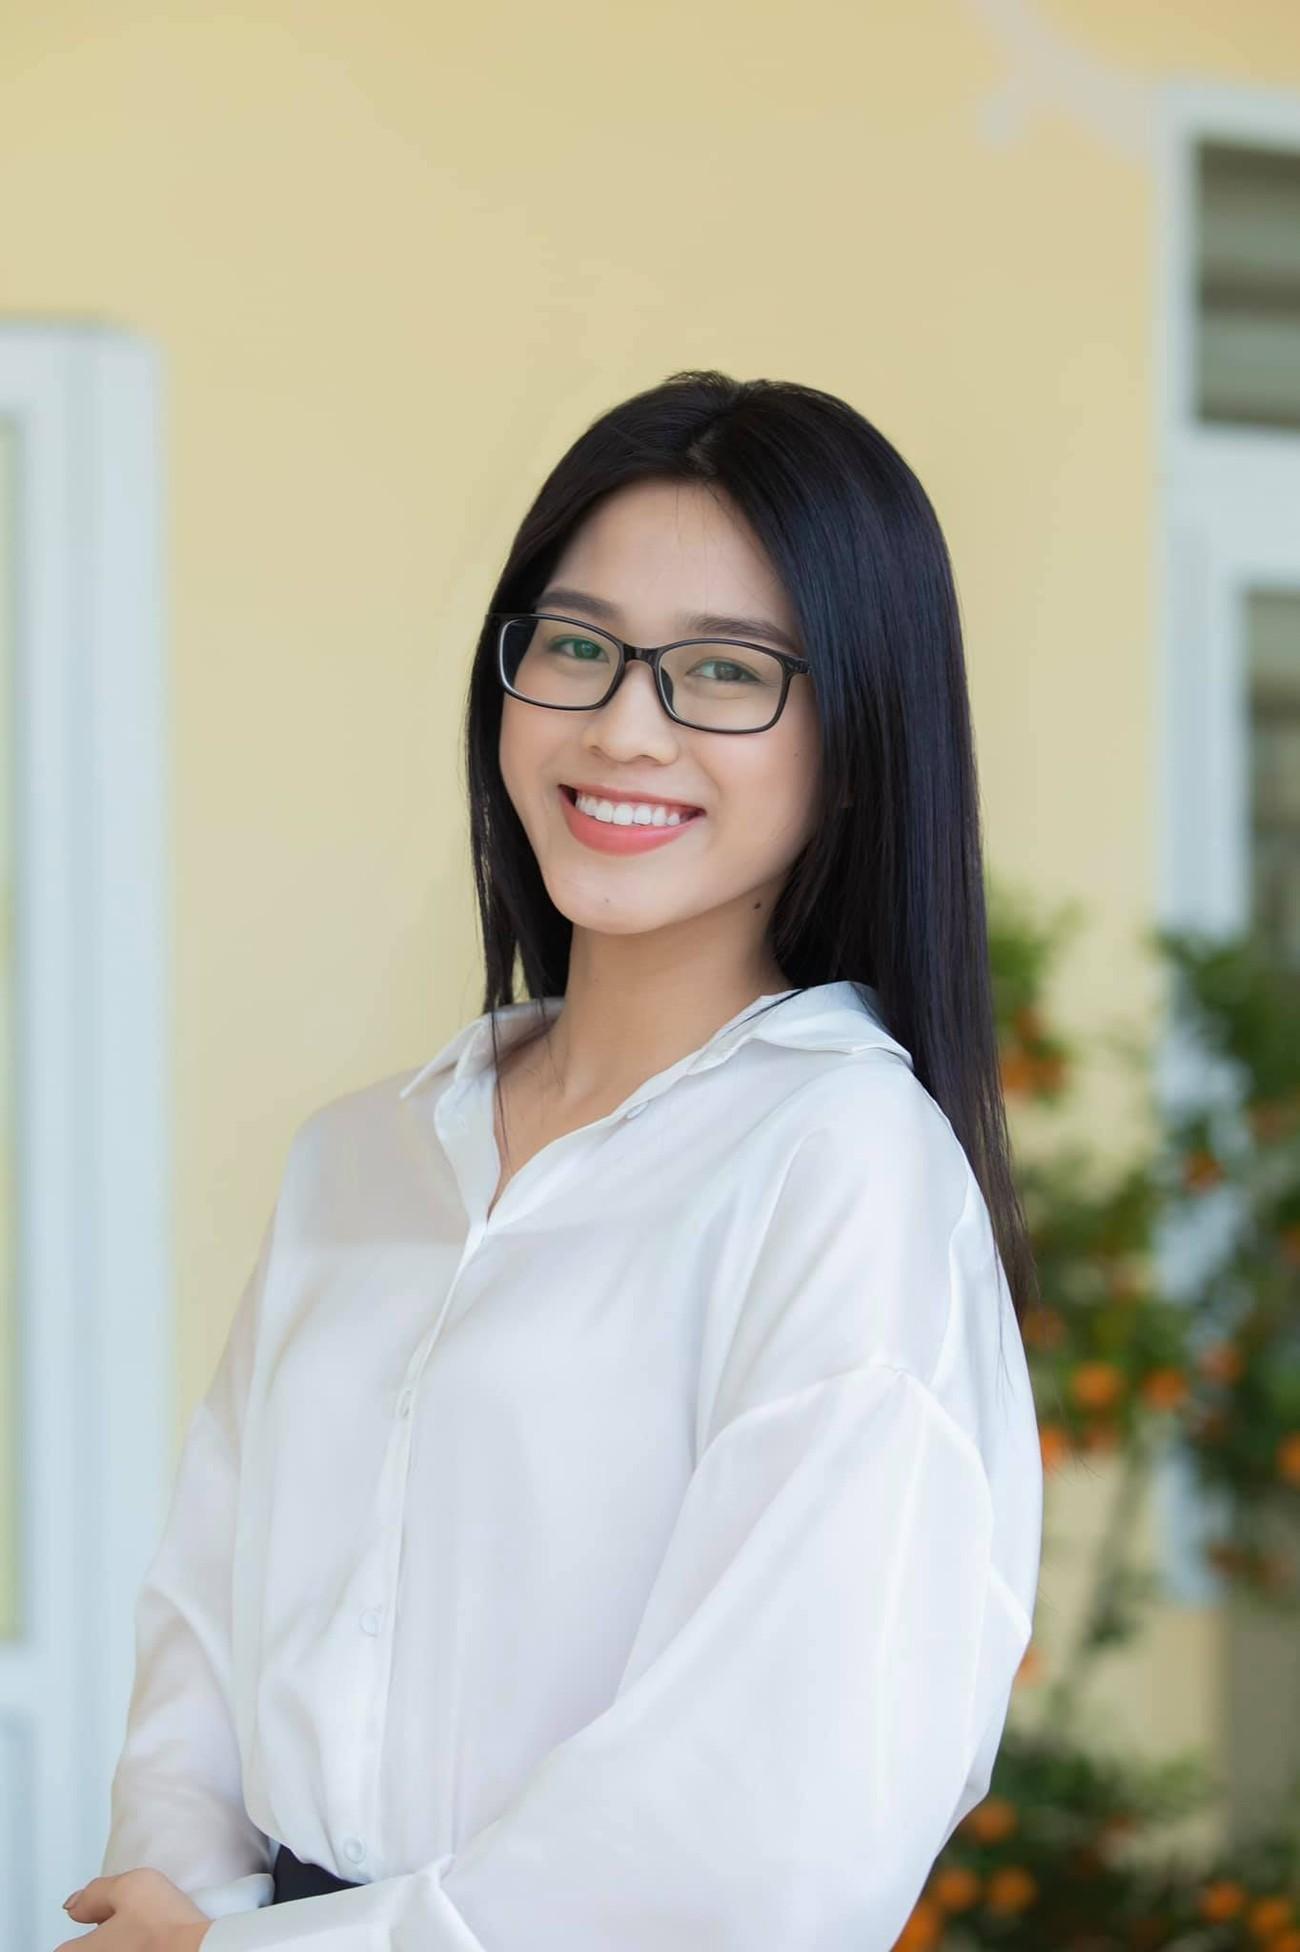 Đỗ Thị Hà, Lương Thuỳ Linh mặc giản dị vẫn đẹp rạng rỡ trong chuyến từ thiện cuối cùng của năm ảnh 2